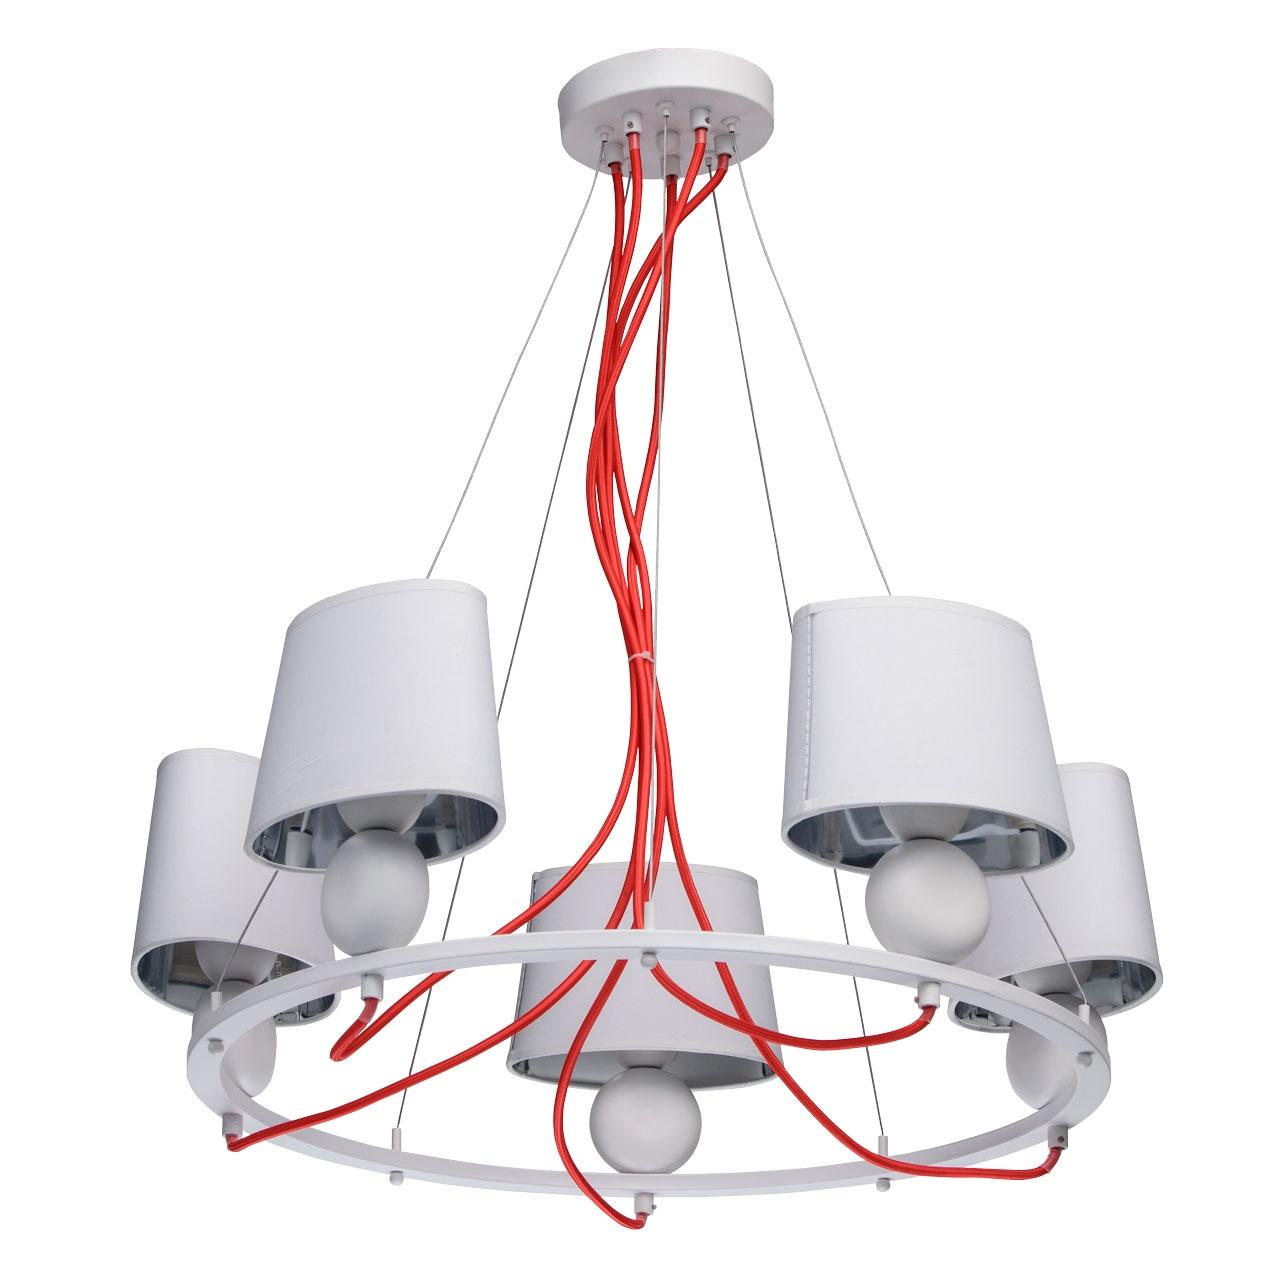 Светильник MW-Light 103011505, белый103011505Светильник выполнен в ультрамодном дизайне. Эффектное сочетание ярко-красного и матового белого цветов позволяет использовать светильник не только как источник света, но и как арт-объект. Абажуры изнутри защищены акриловым покрытием, что увеличивает срок службы светильника. Благодаря специальным тросам есть возможность регулировать положение светильника по отношению к потолку. Наличие бра в семье дает возможность комплексного освещения помещения в одном стиле.